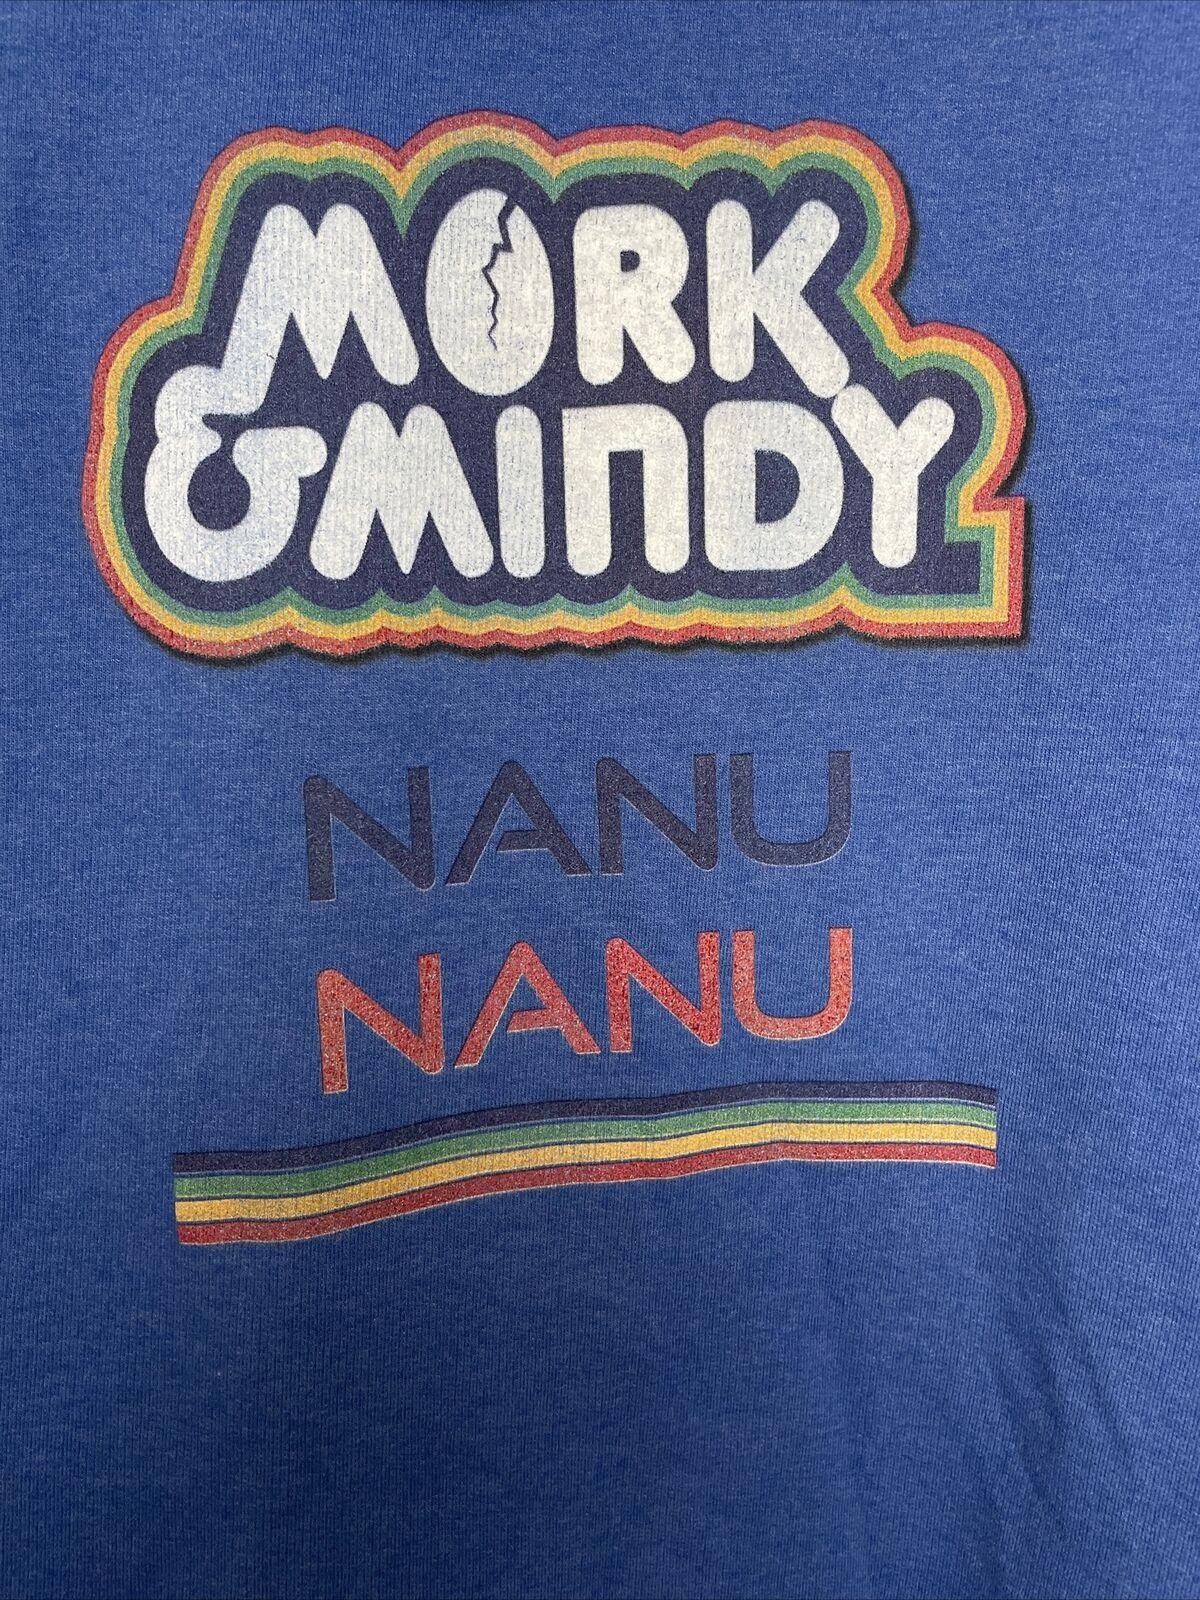 Mork And Mindy Nanu Nanu Blue Sweatshirt Size 2XL… - image 3